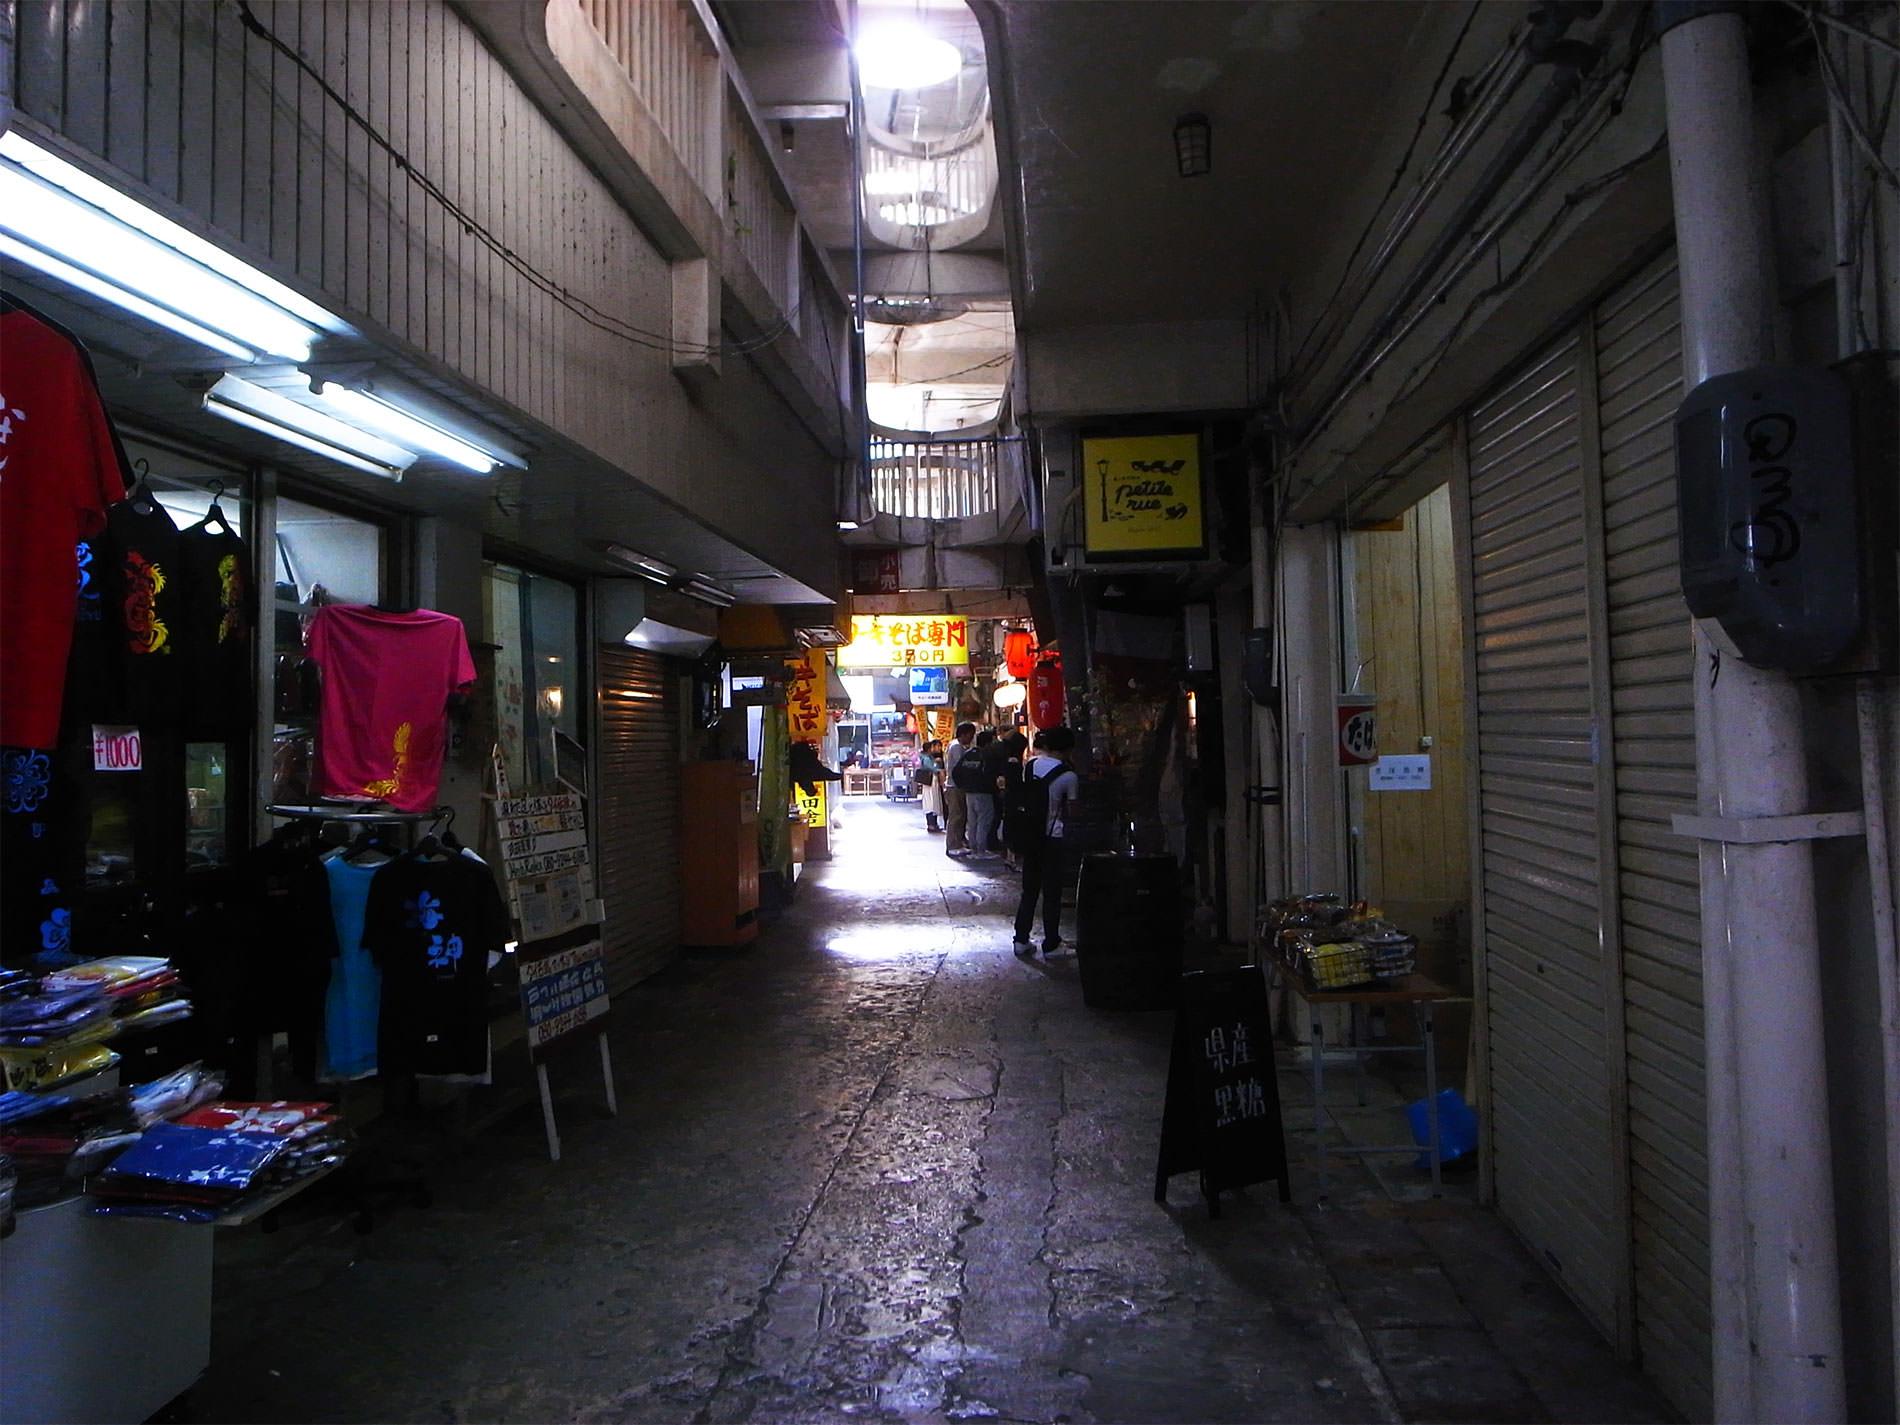 沖縄旅行 / March Okinawa Trip / 2018